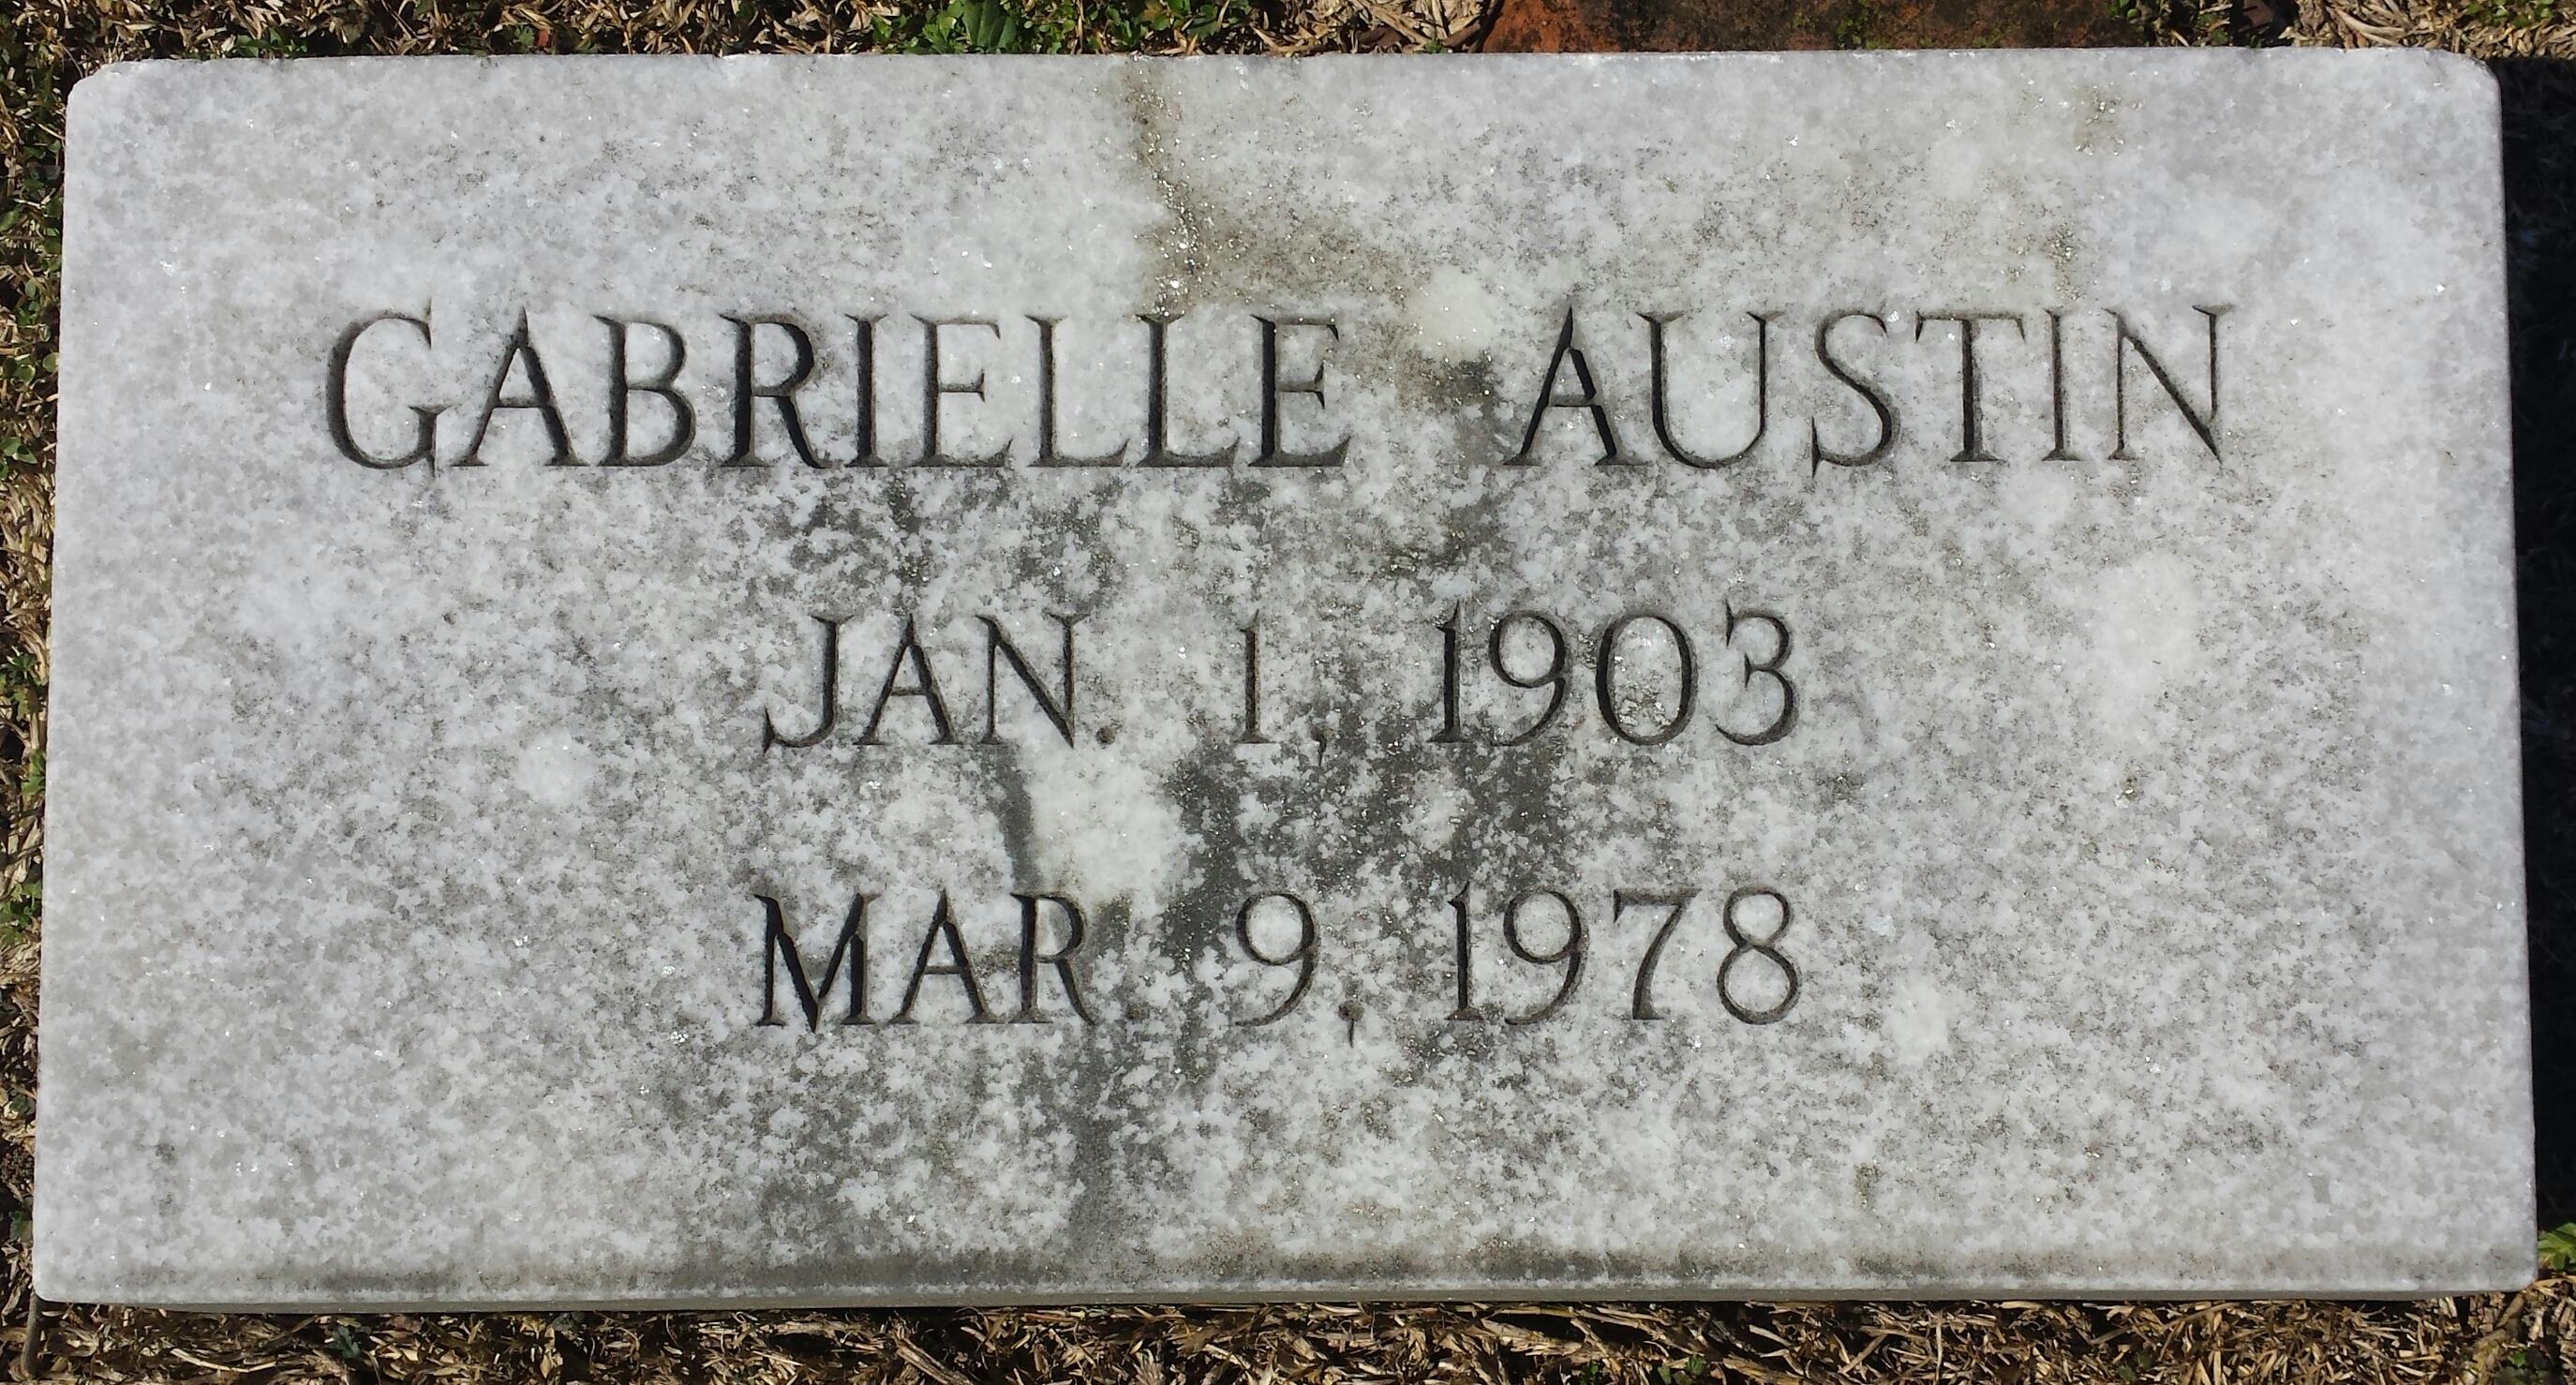 Gabrielle Austin